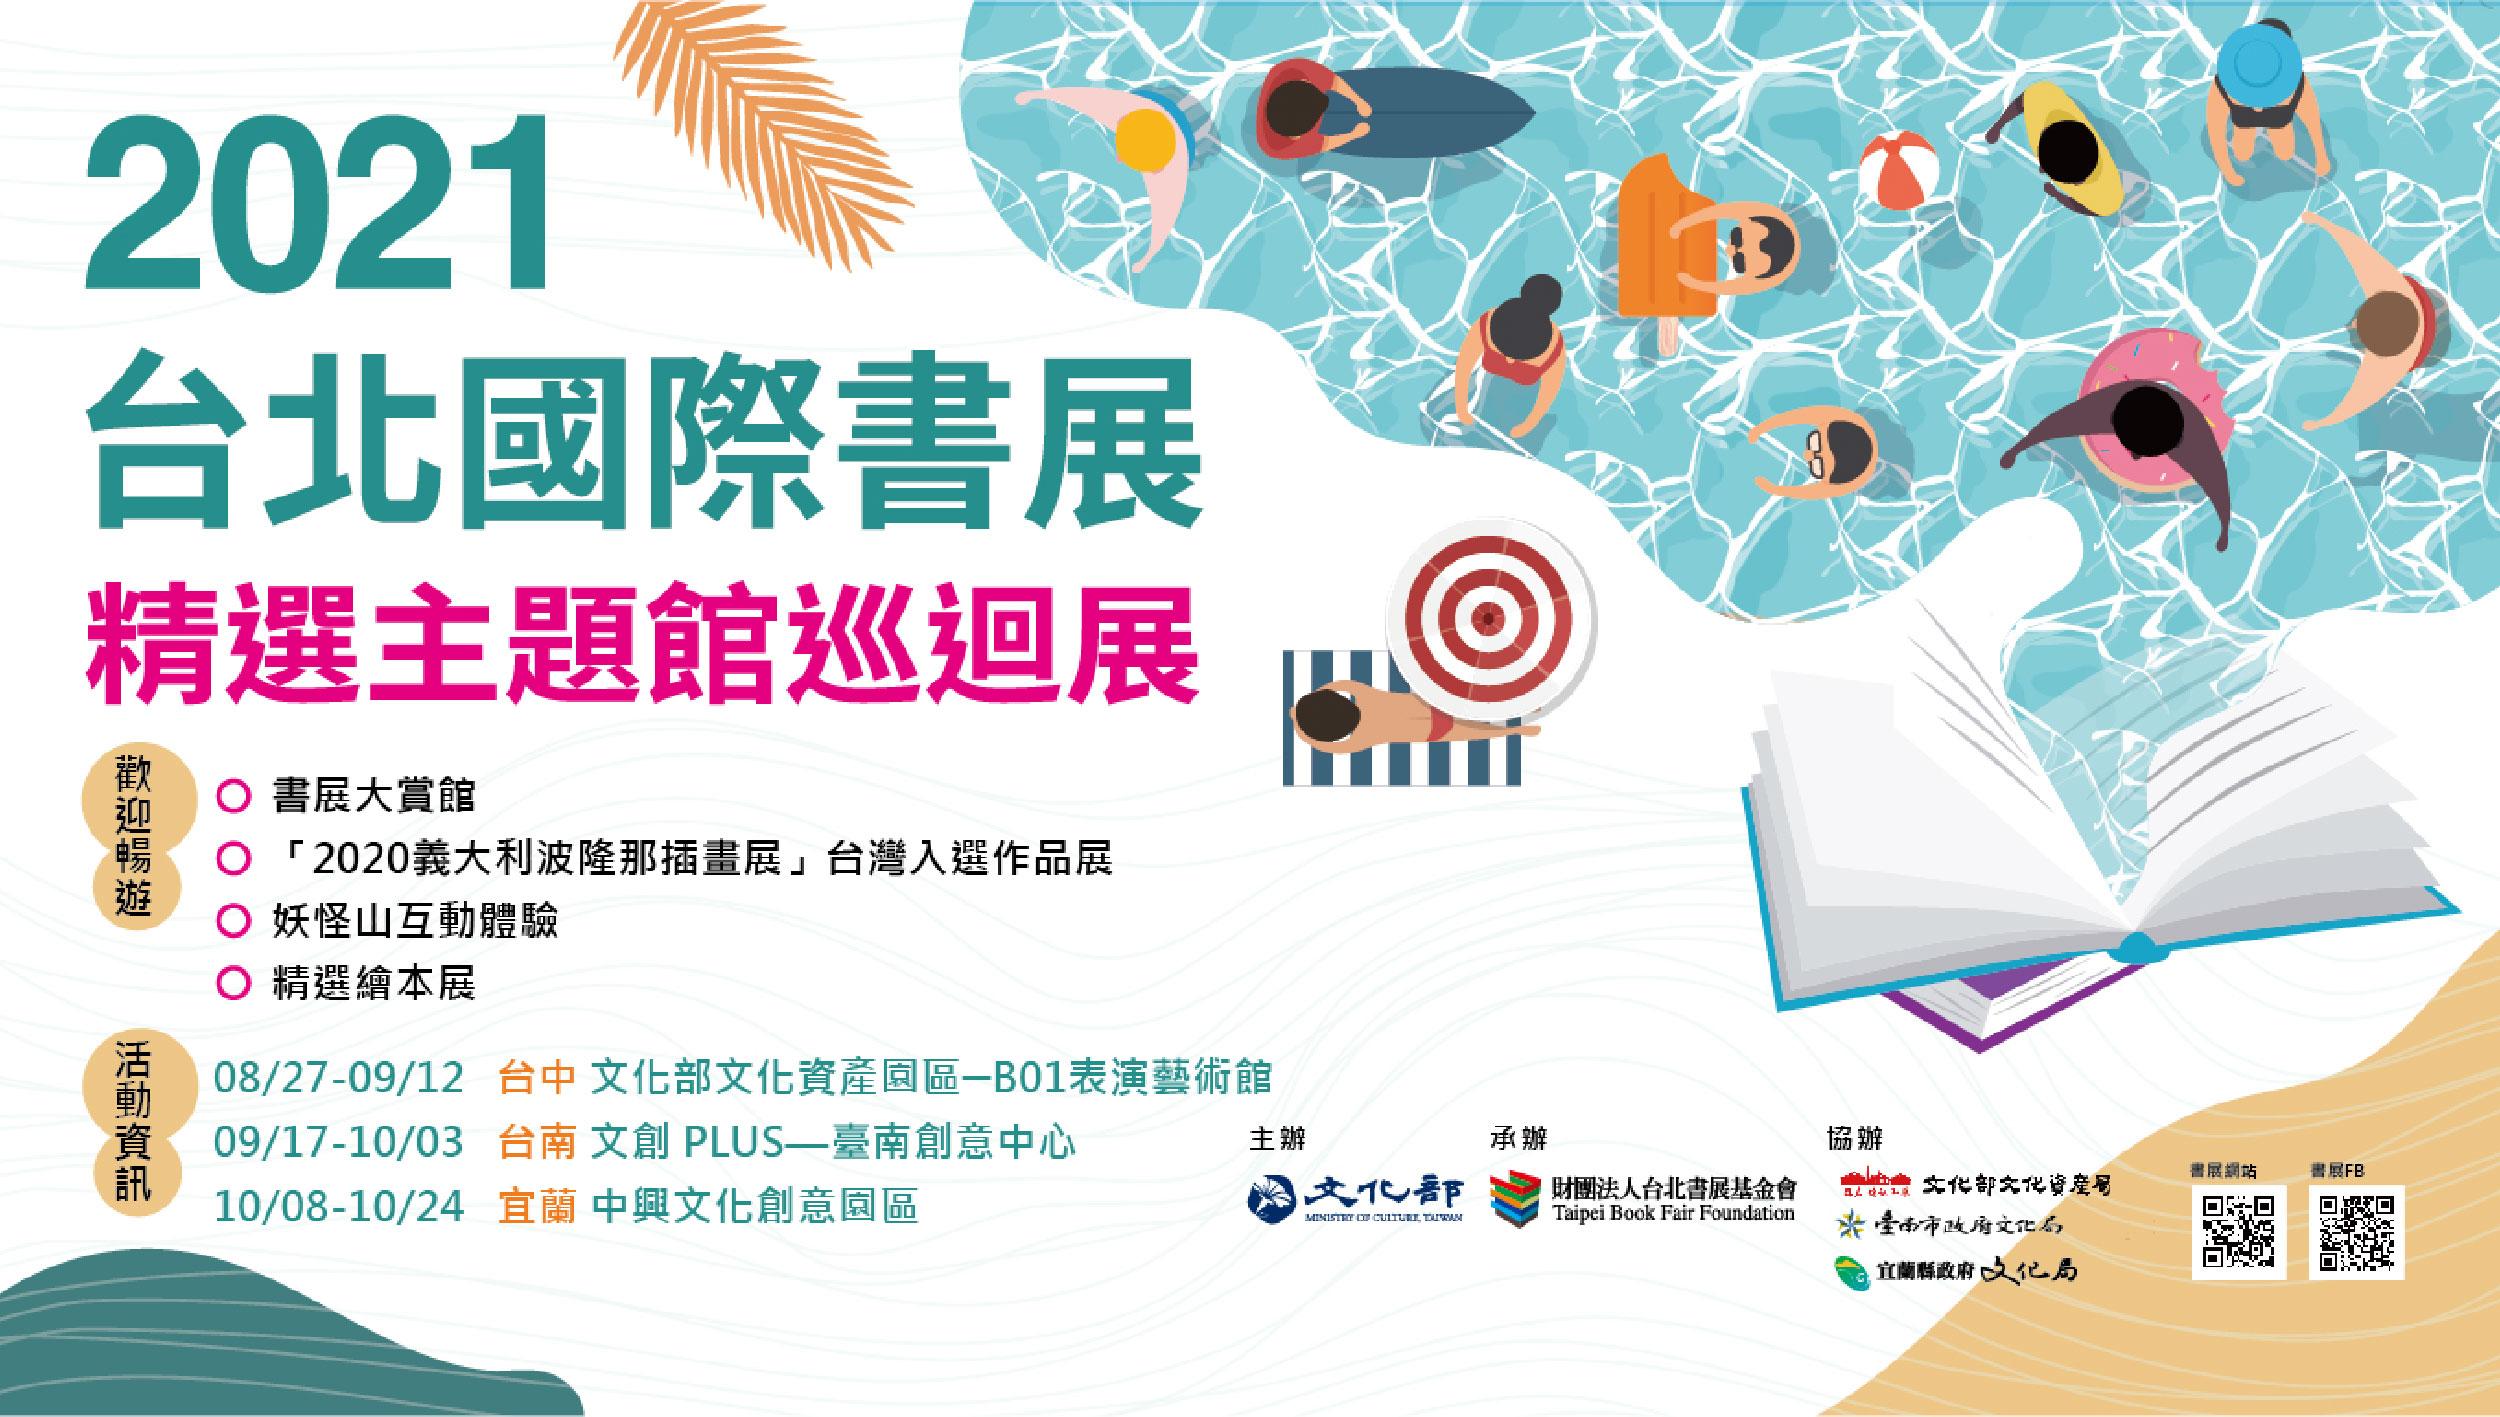 2021台北國際書展:精選主題館巡迴展